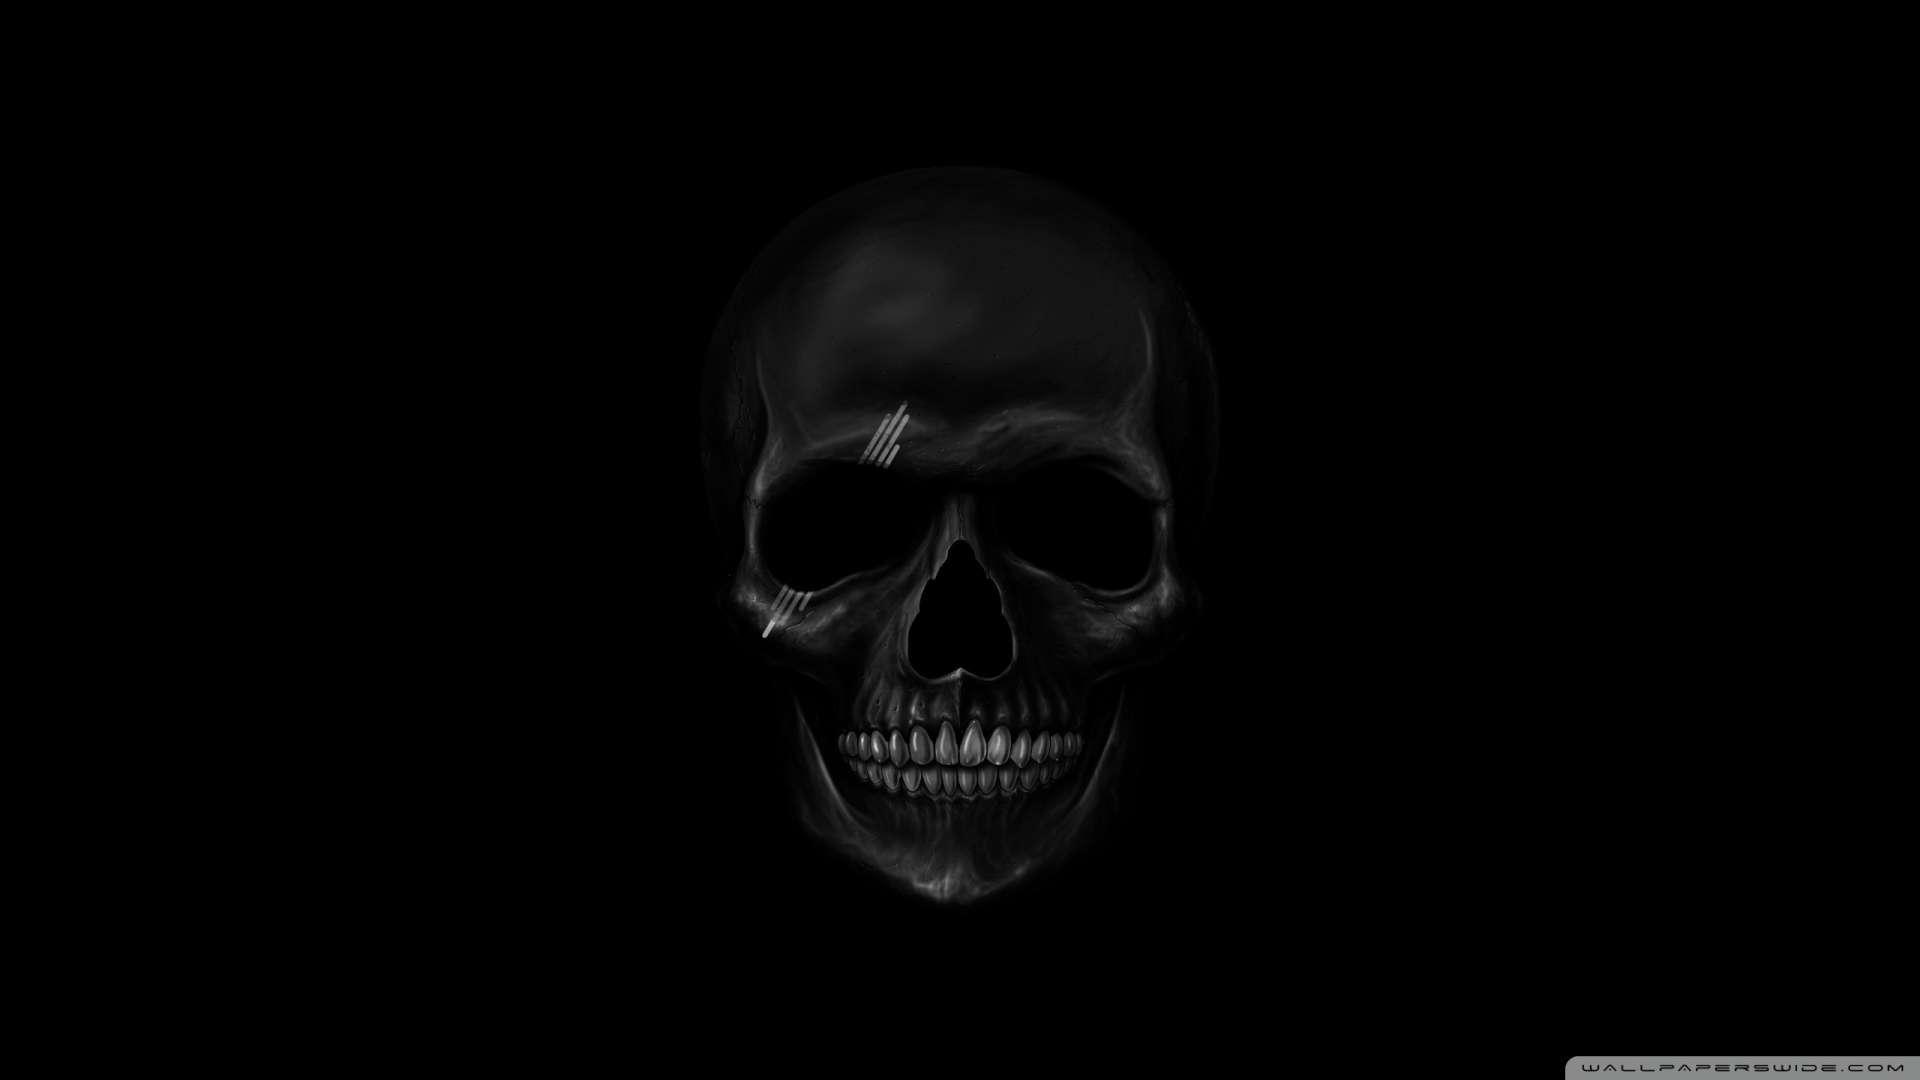 Source httpwwwhdwallwidecomblack skull wallpaper 1080p hd 1920x1080